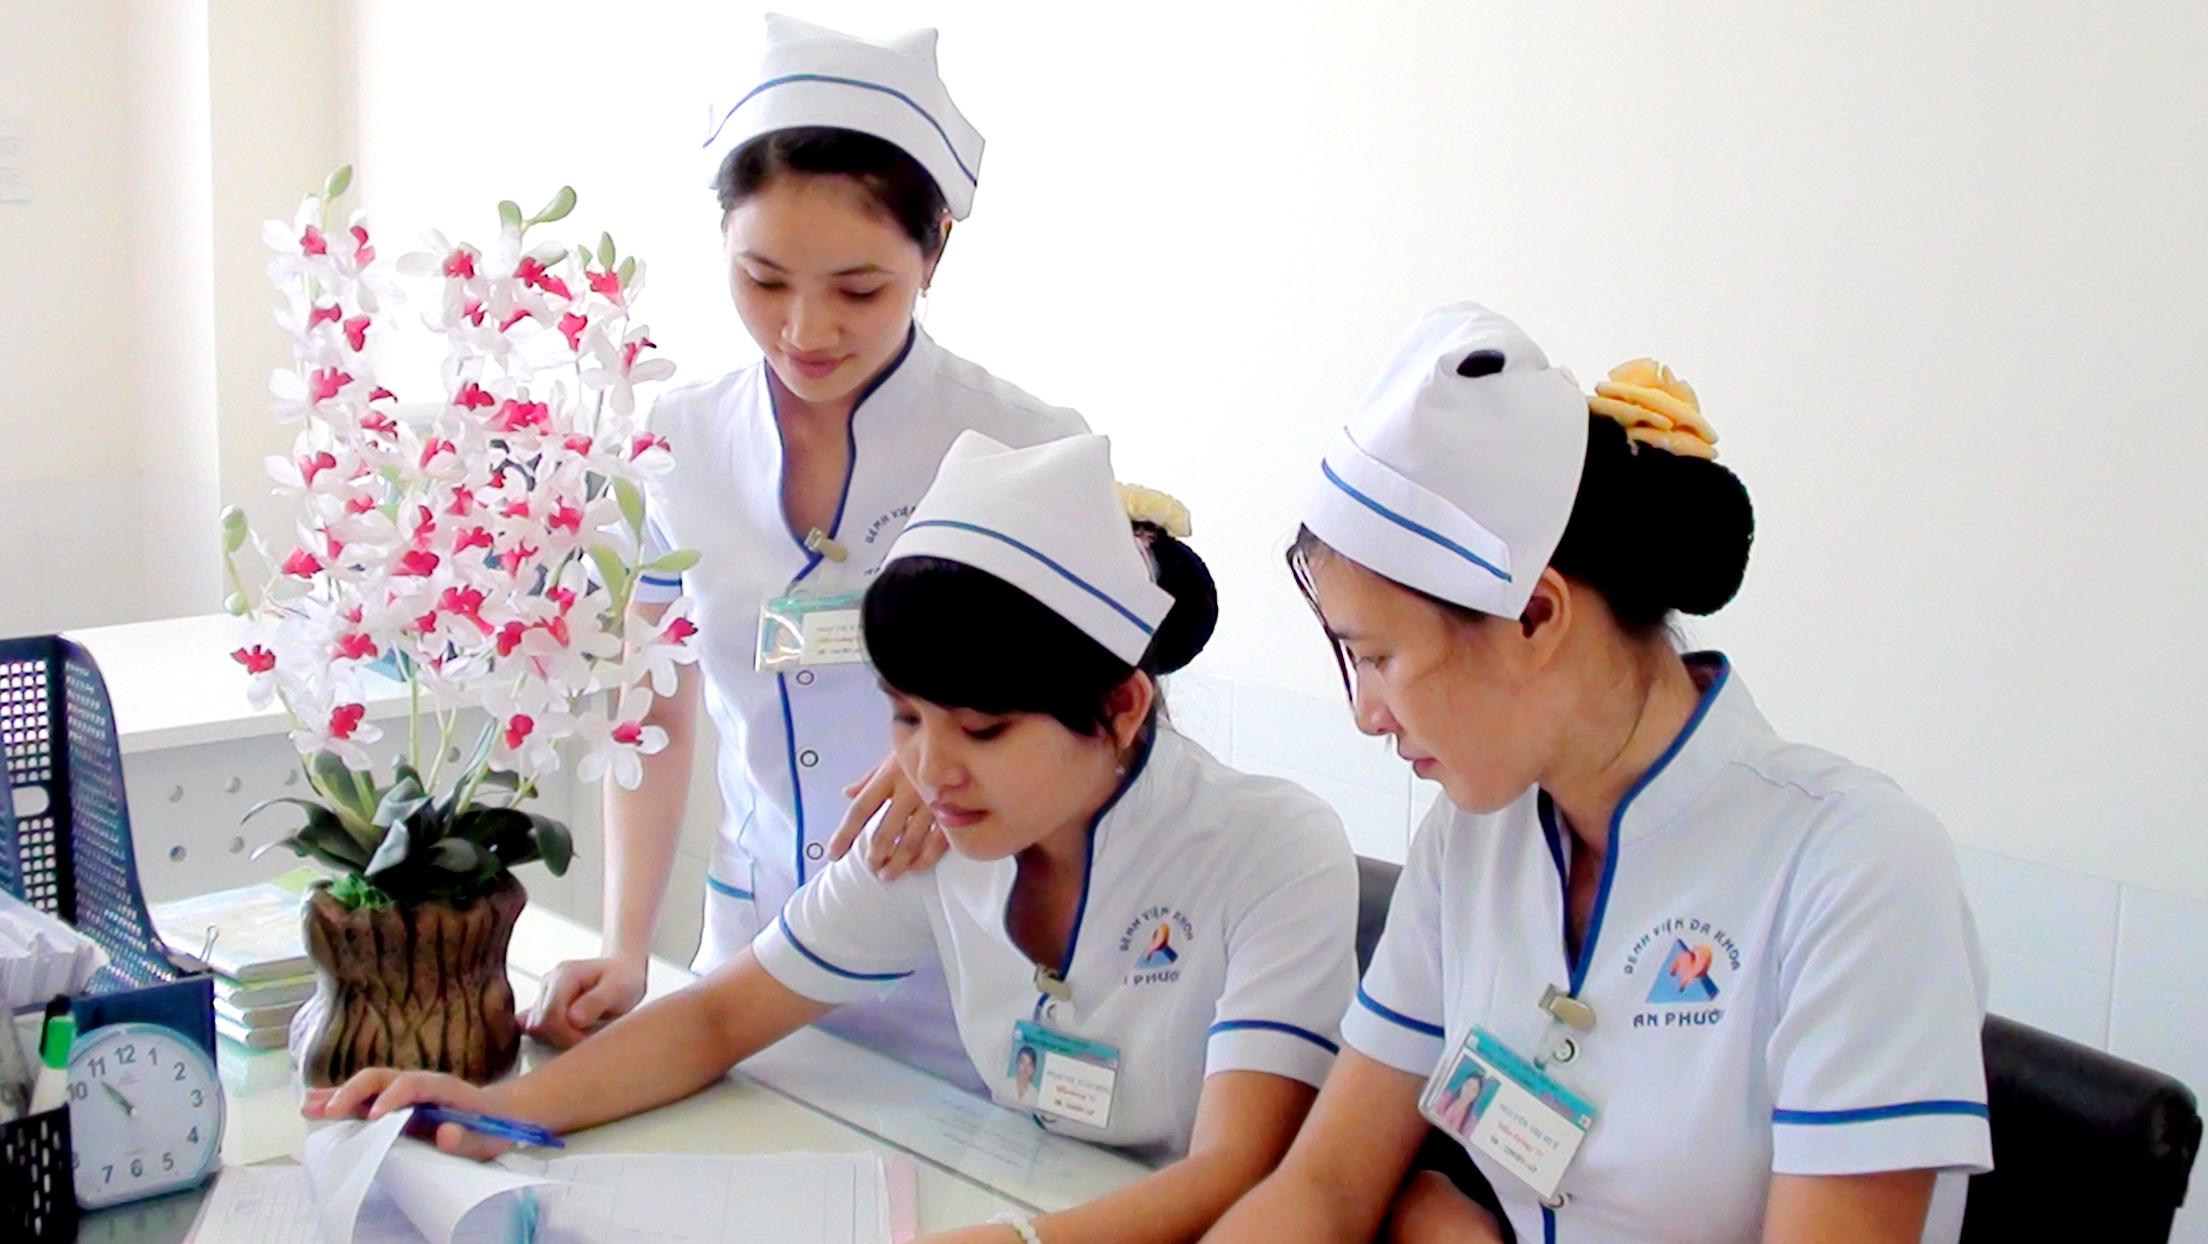 Bệnh viện điều dưỡng và phục hồi chức năng Hà Nội